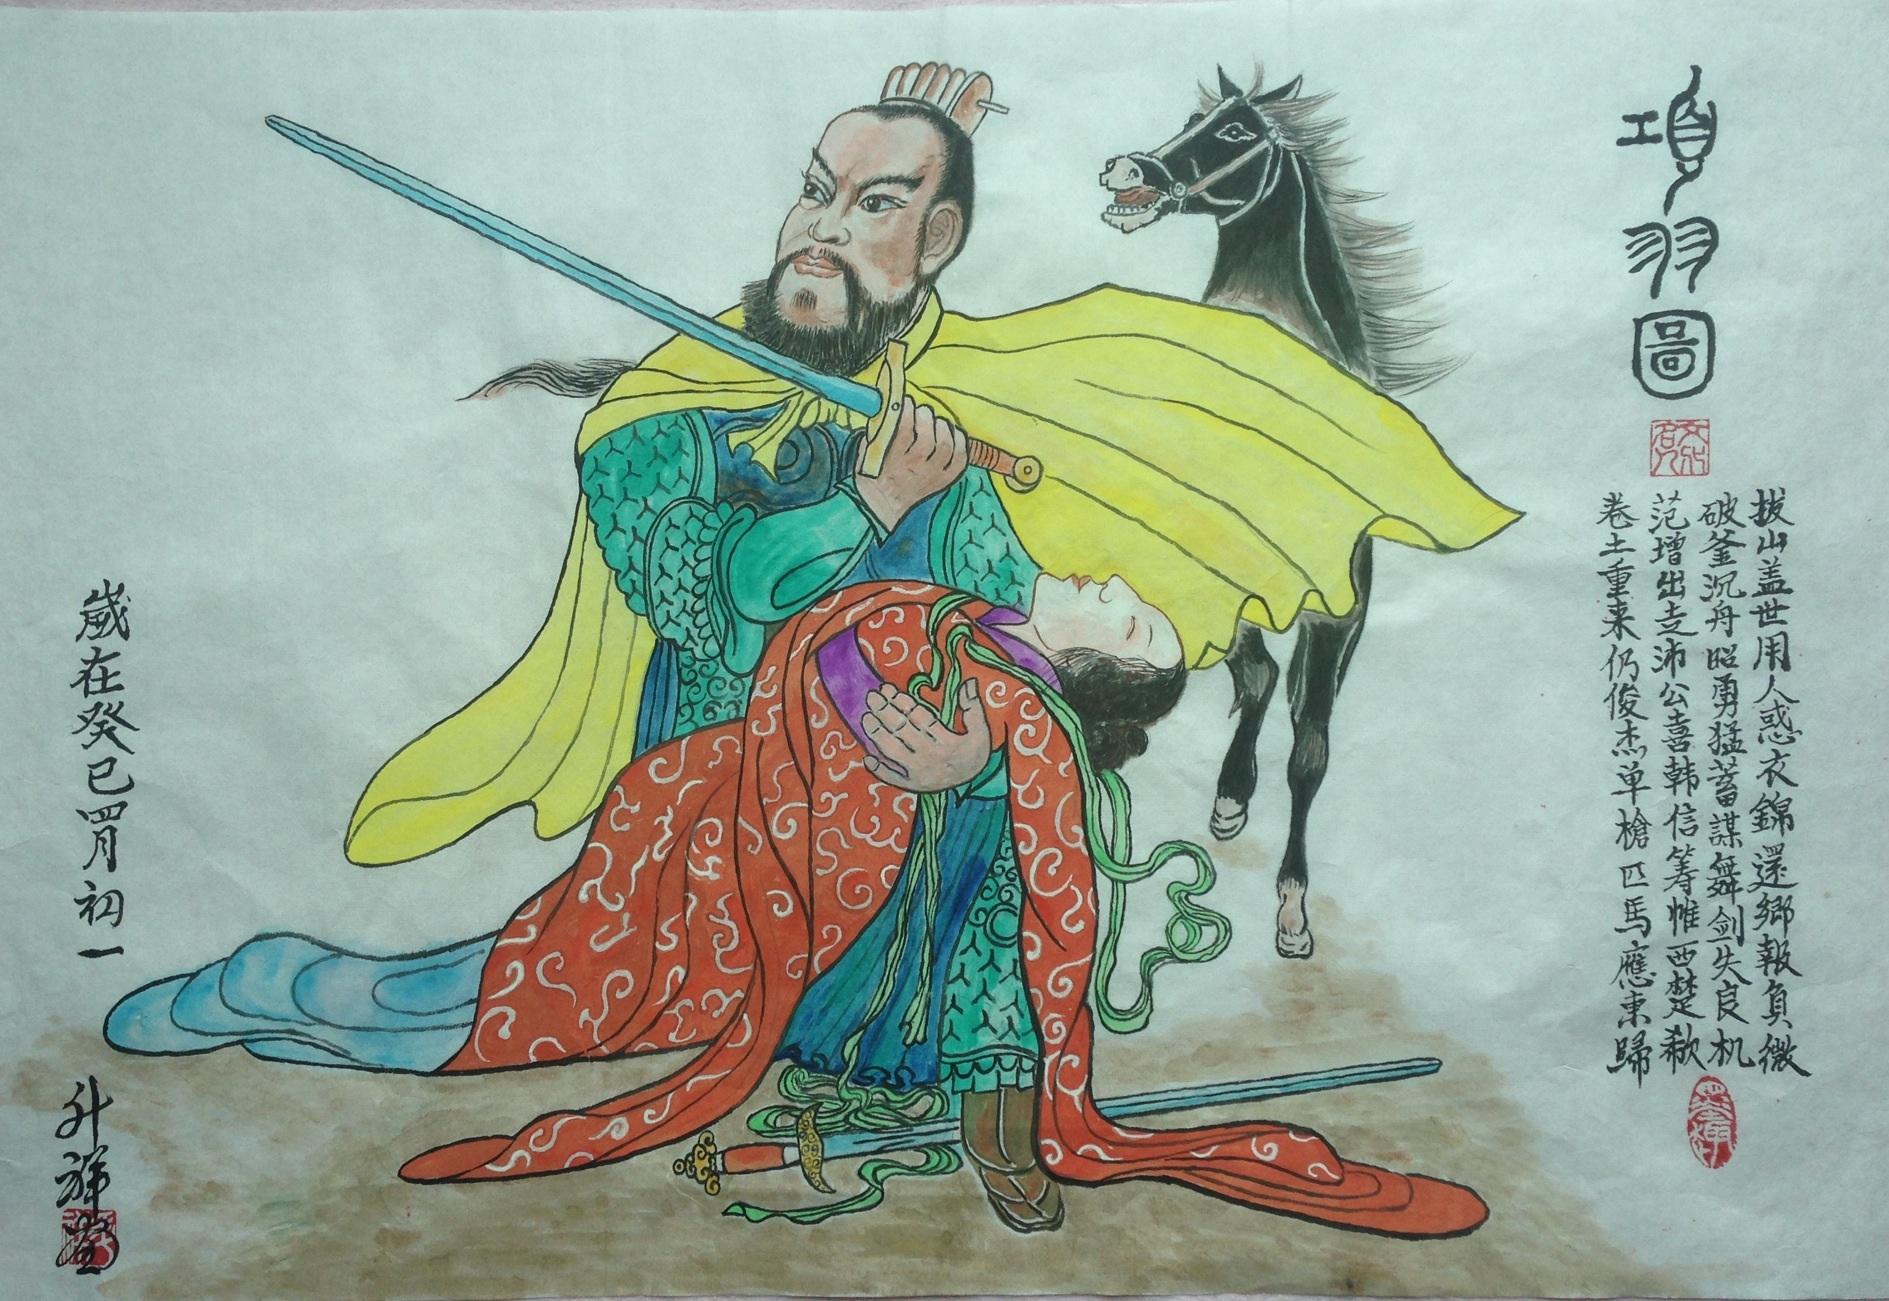 中国历史上破风水断龙脉的案例